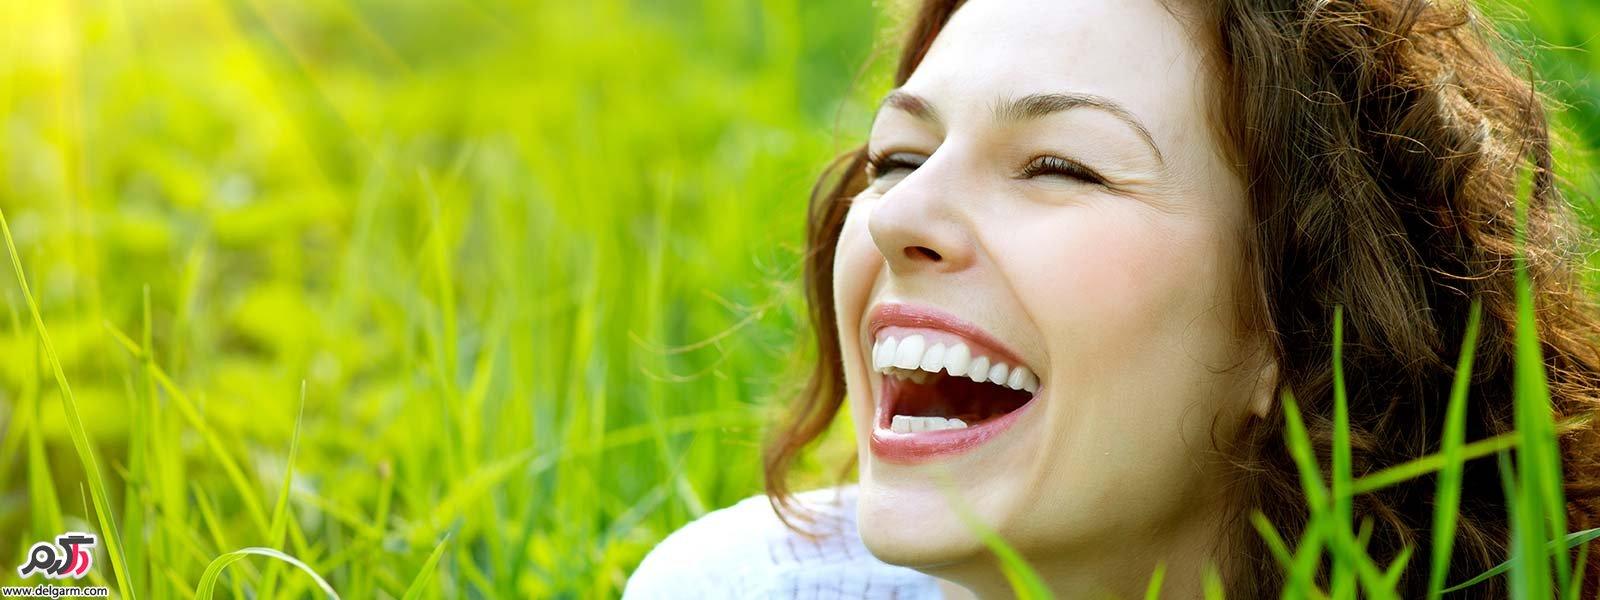 10 نکته درباره فواید خندیدن